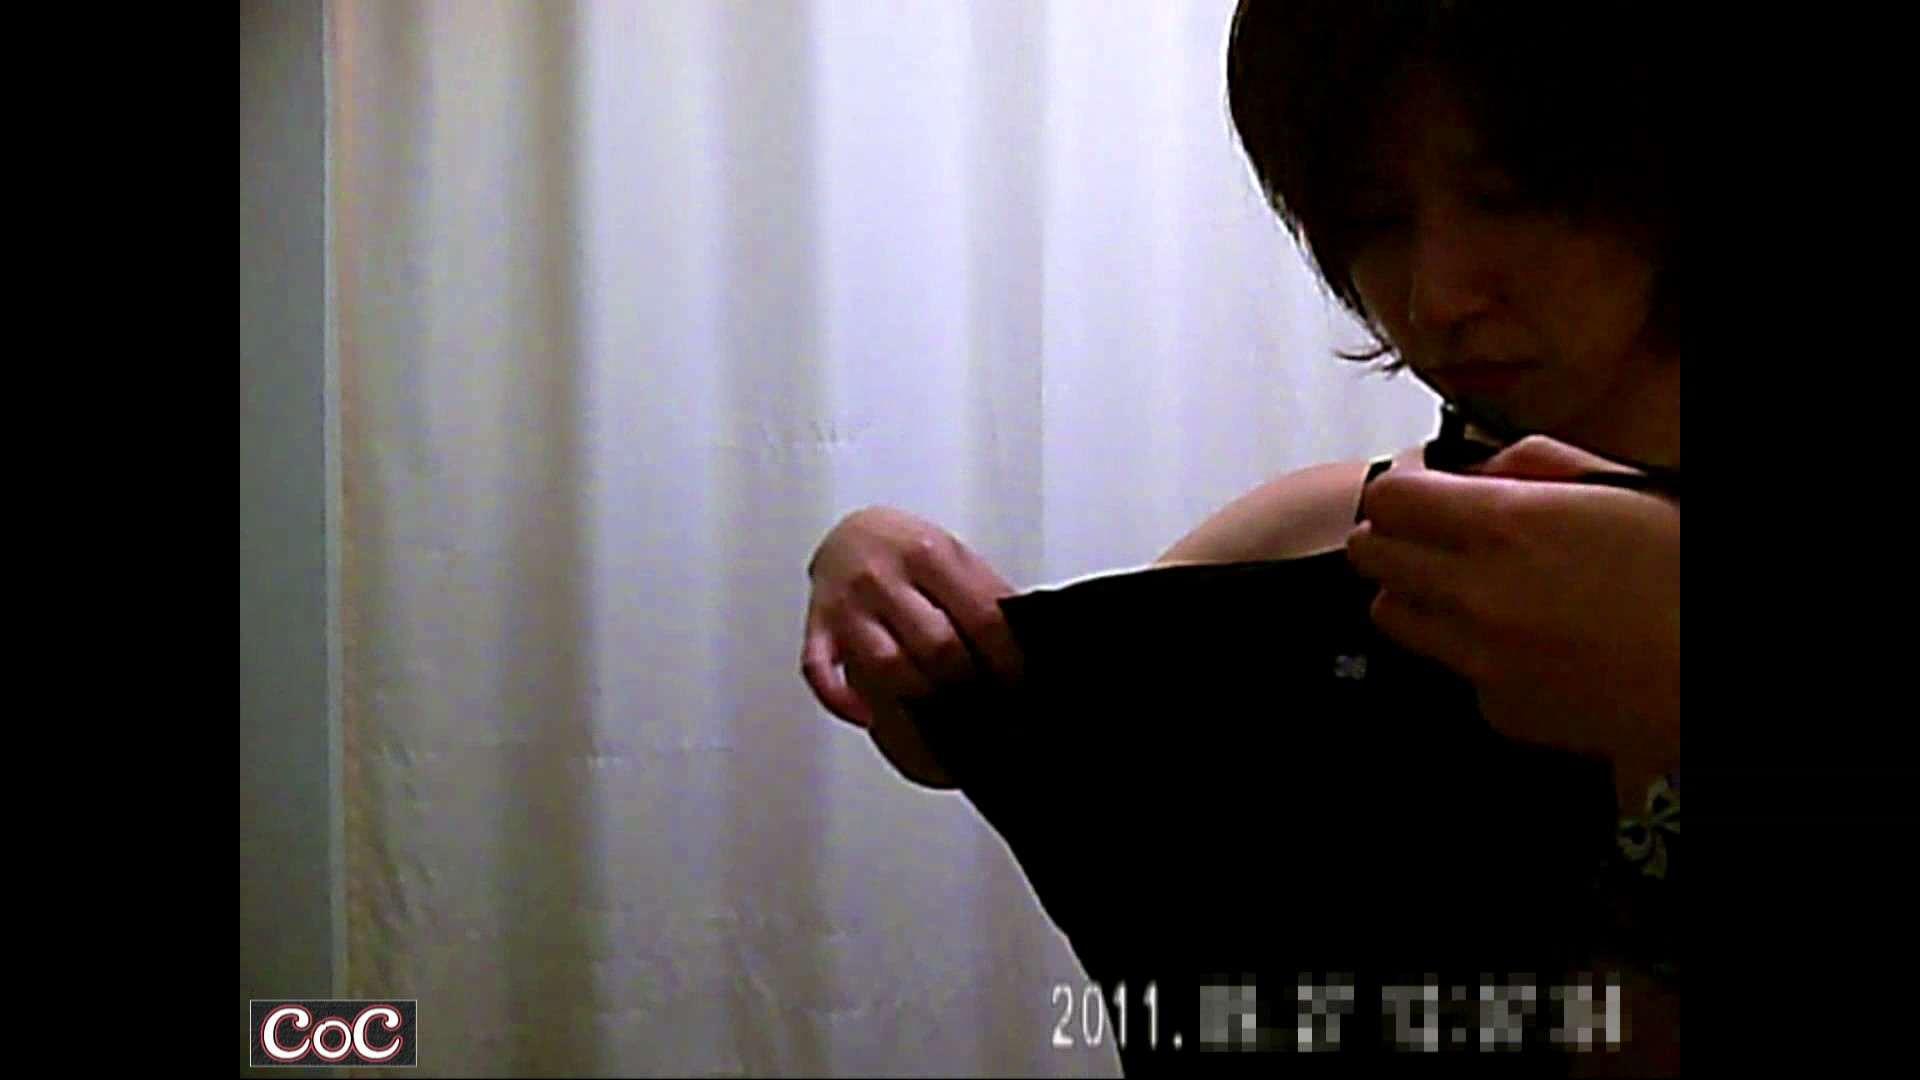 病院おもいっきり着替え! vol.37 貧乳 オメコ無修正動画無料 76pic 27